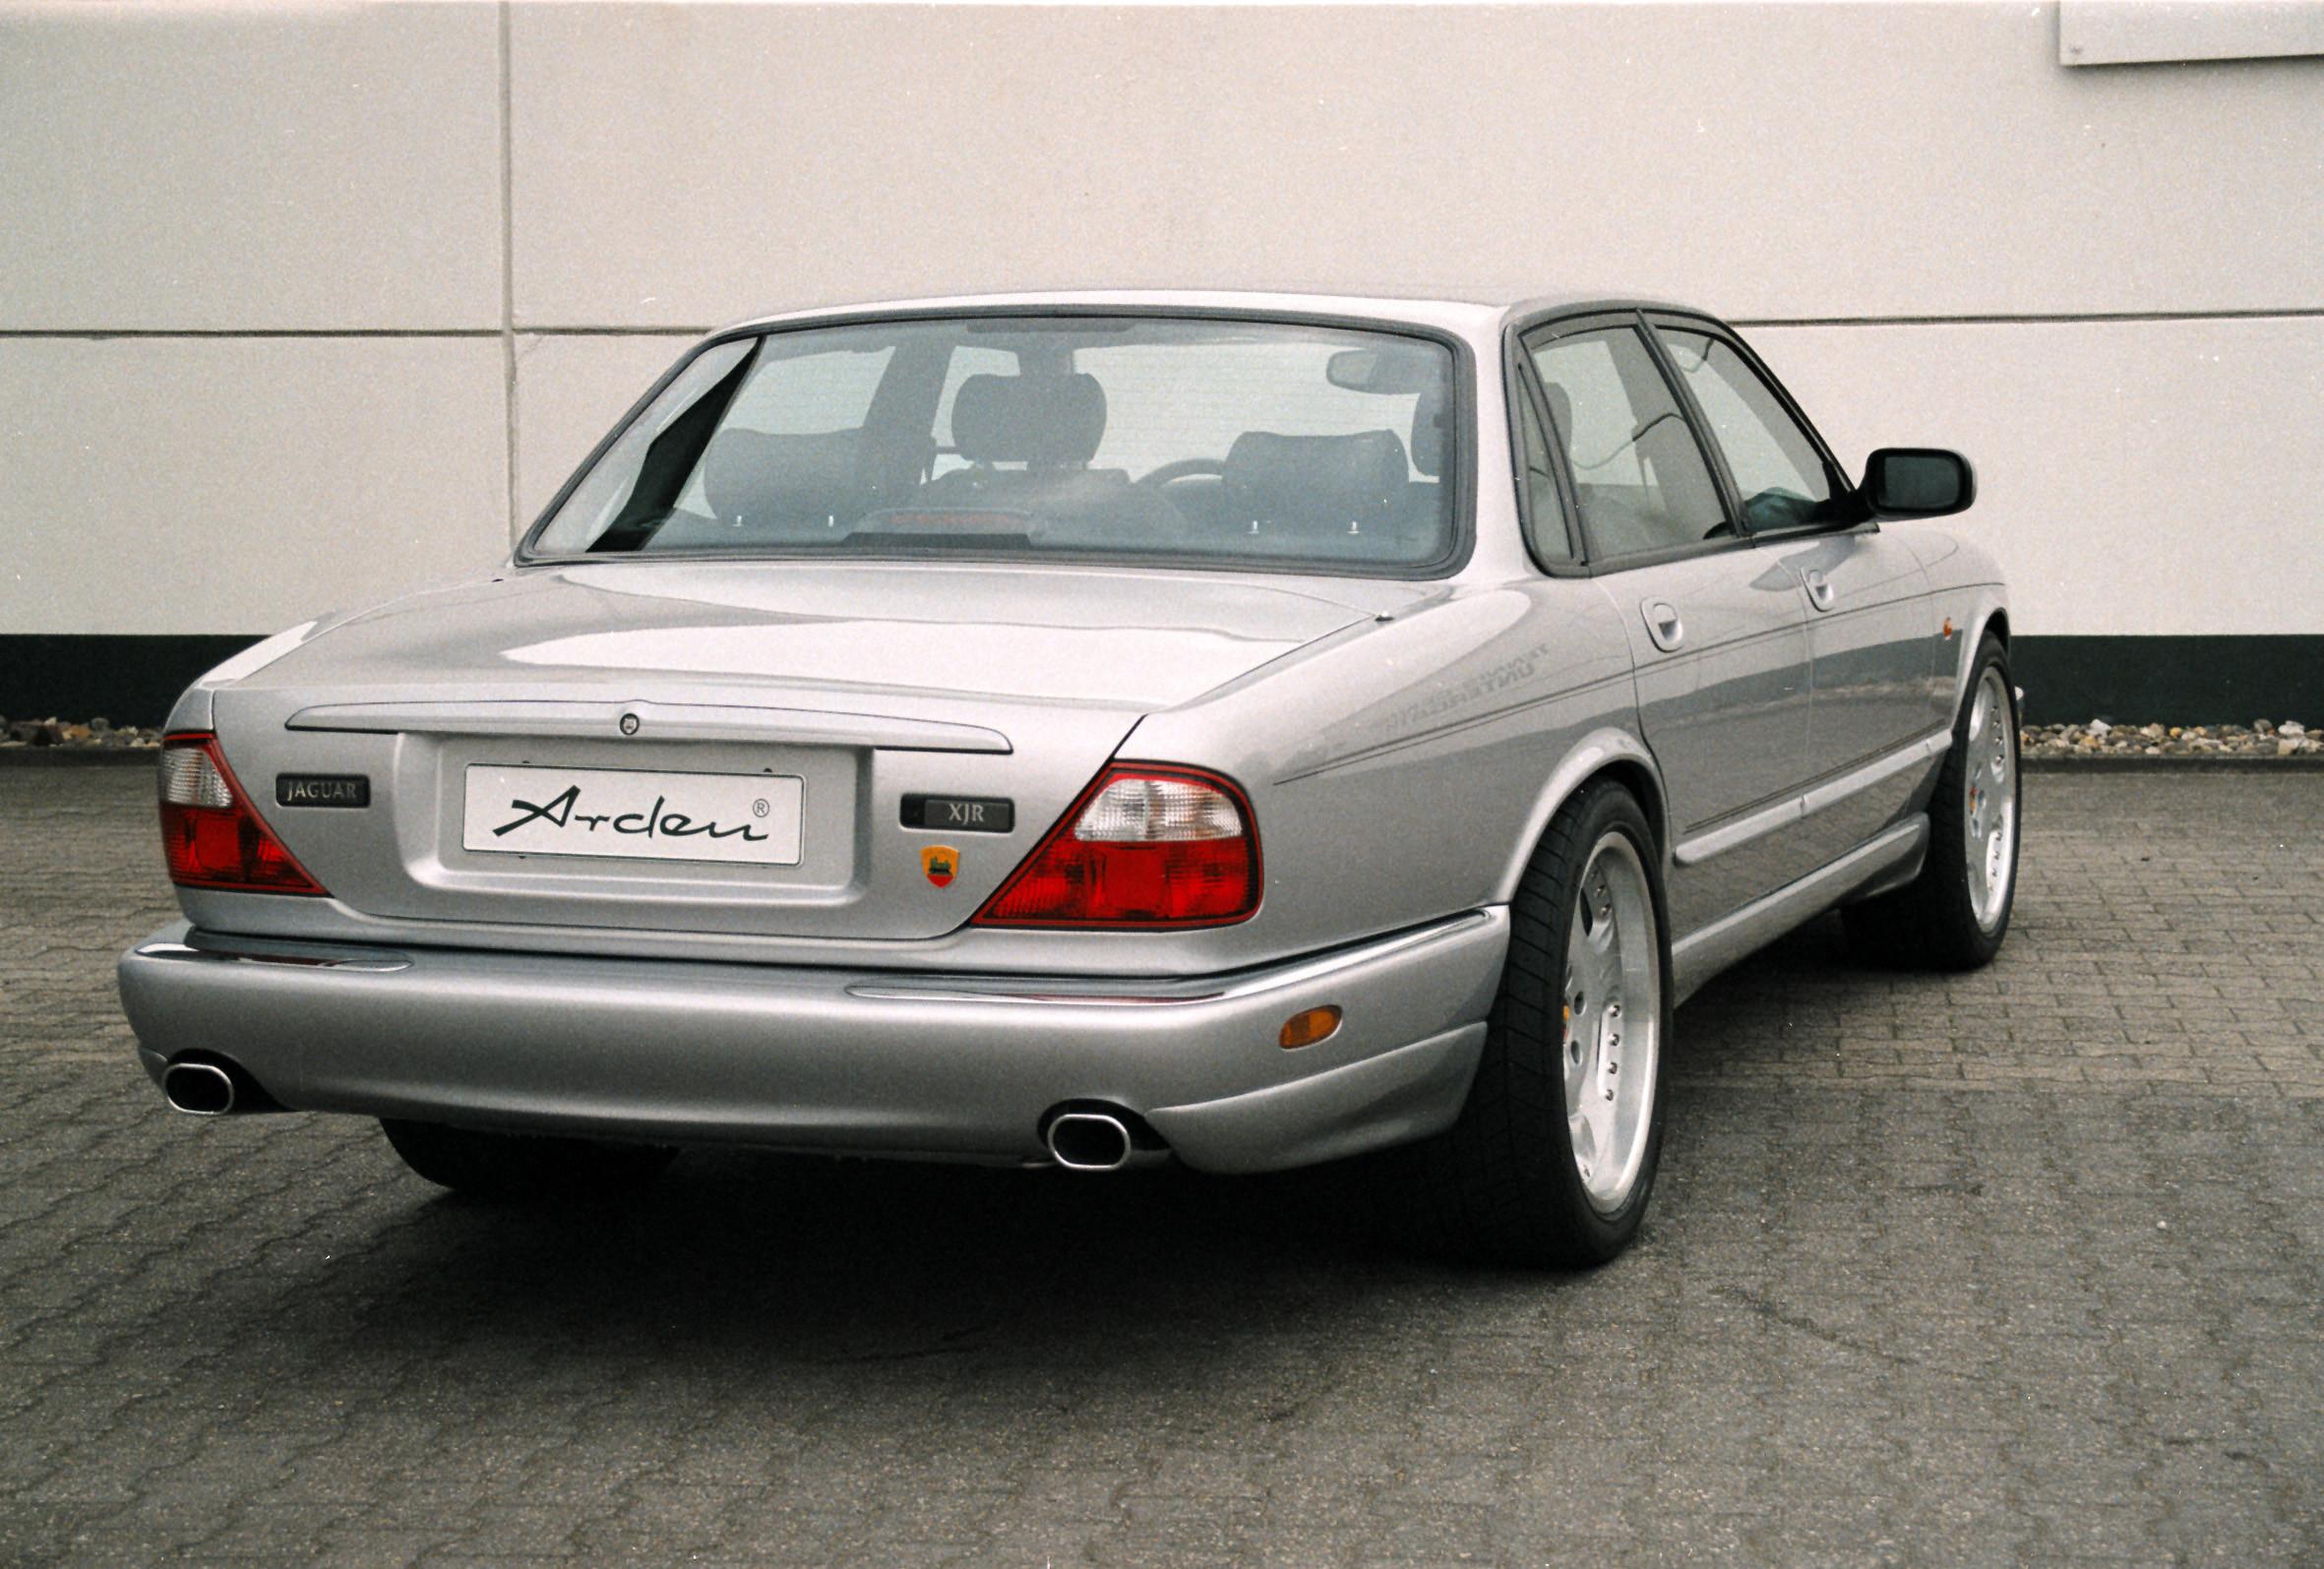 Arden Aerodynamik Heckschürzensatz für Jaguar XJ, XJR, XJ 300 3.2l, 4.0l u. 6.0l